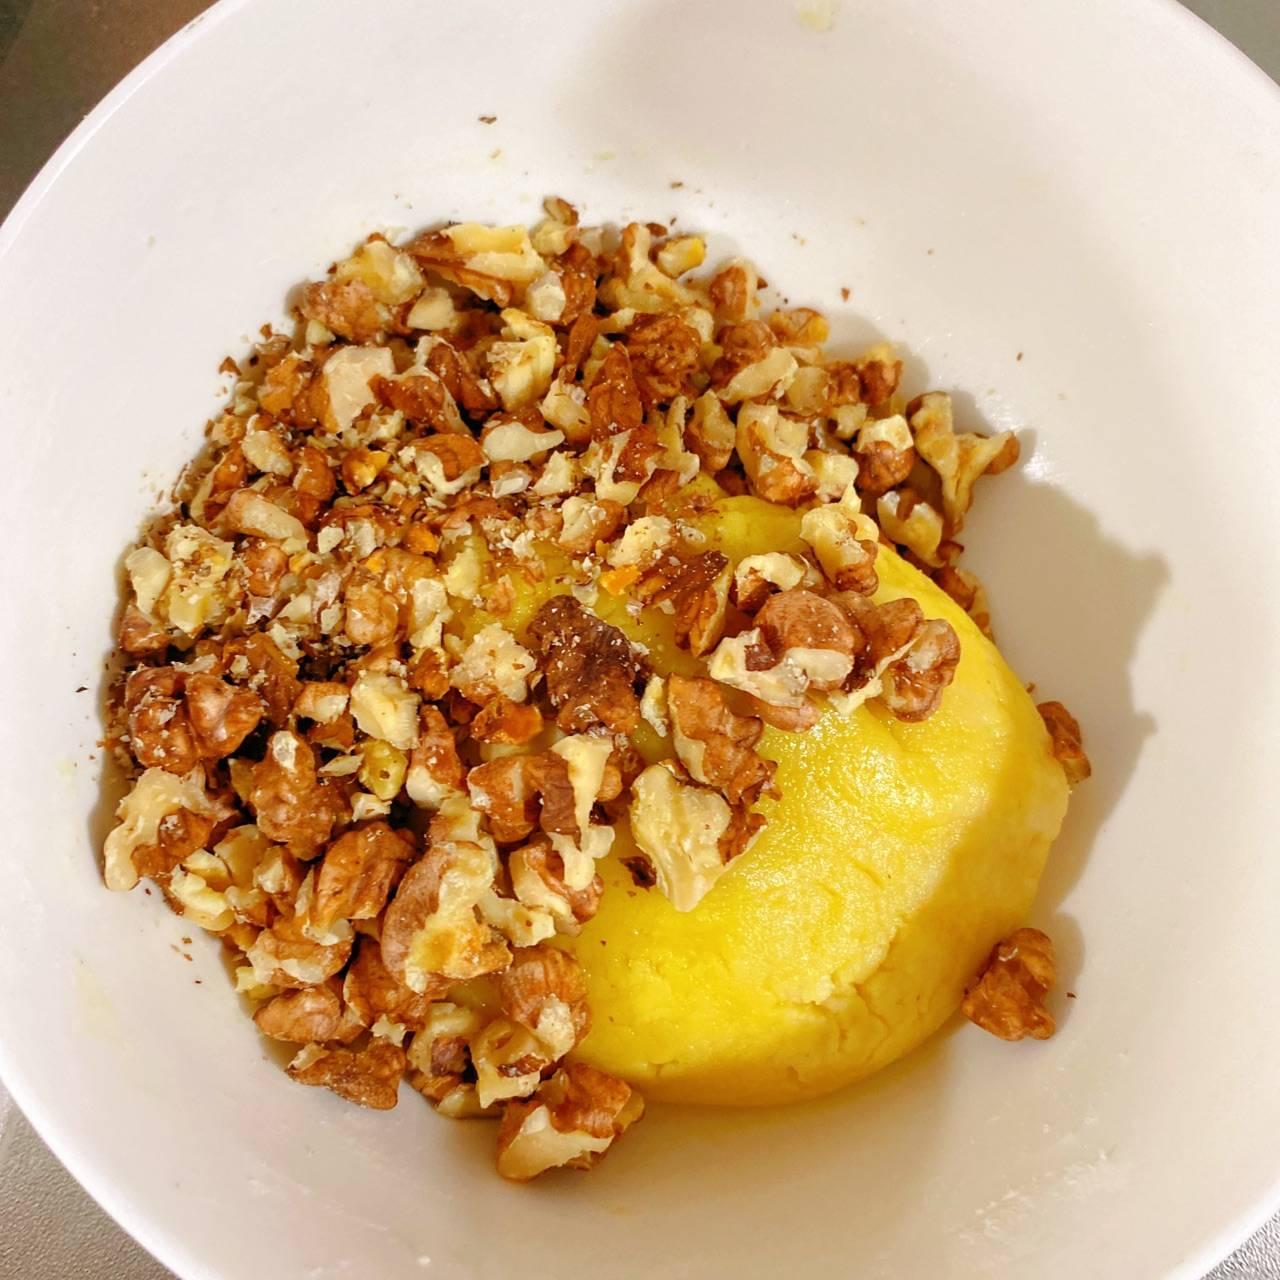 「传统老式核桃酥」的做法+配方,香甜酥脆,浓浓的核桃香